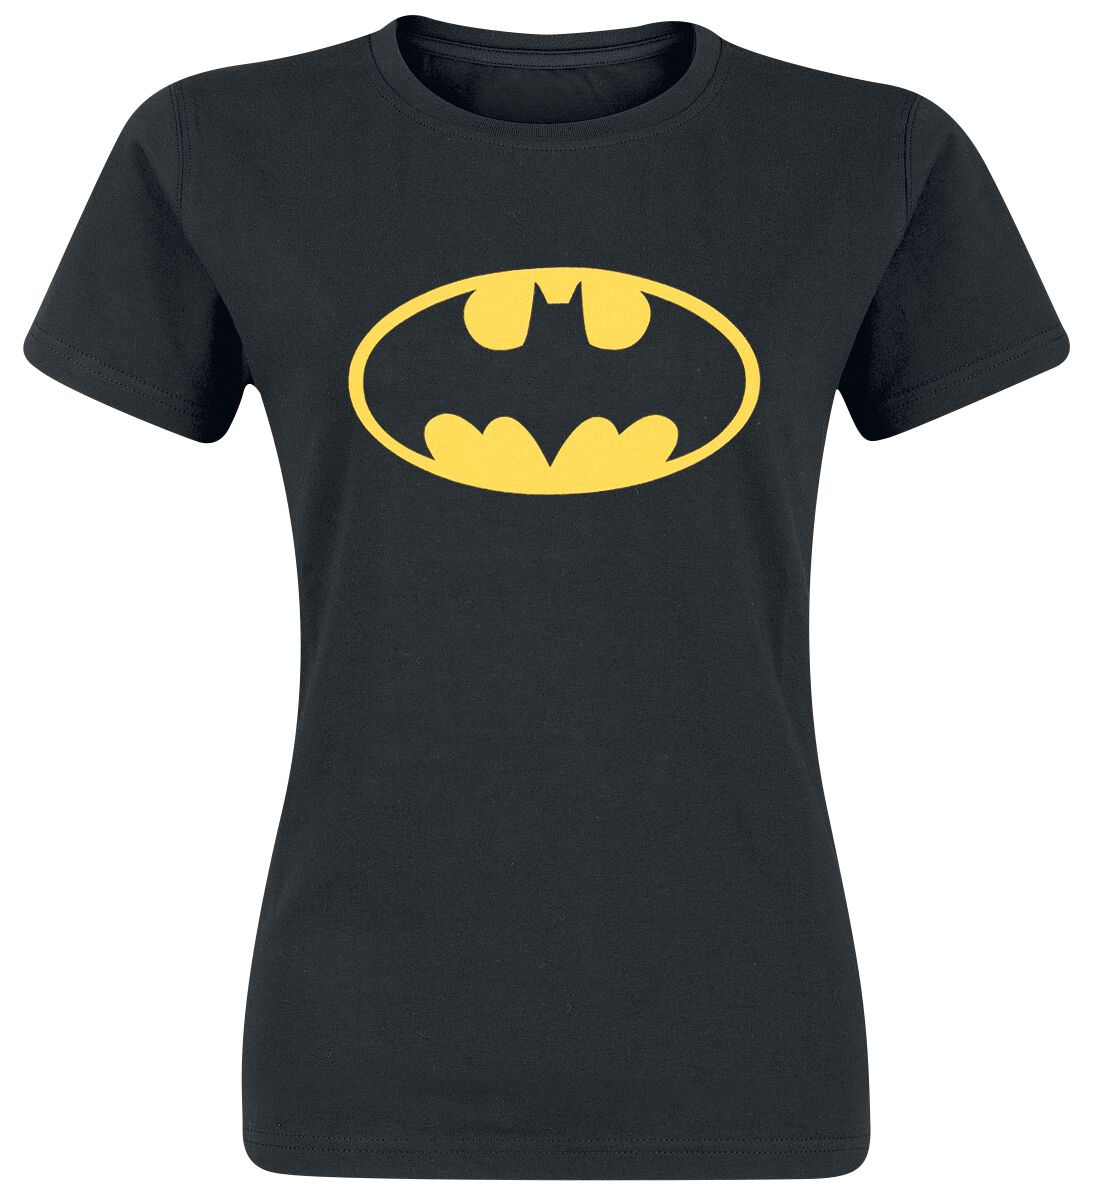 Image of   Batman Logo Girlie trøje sort